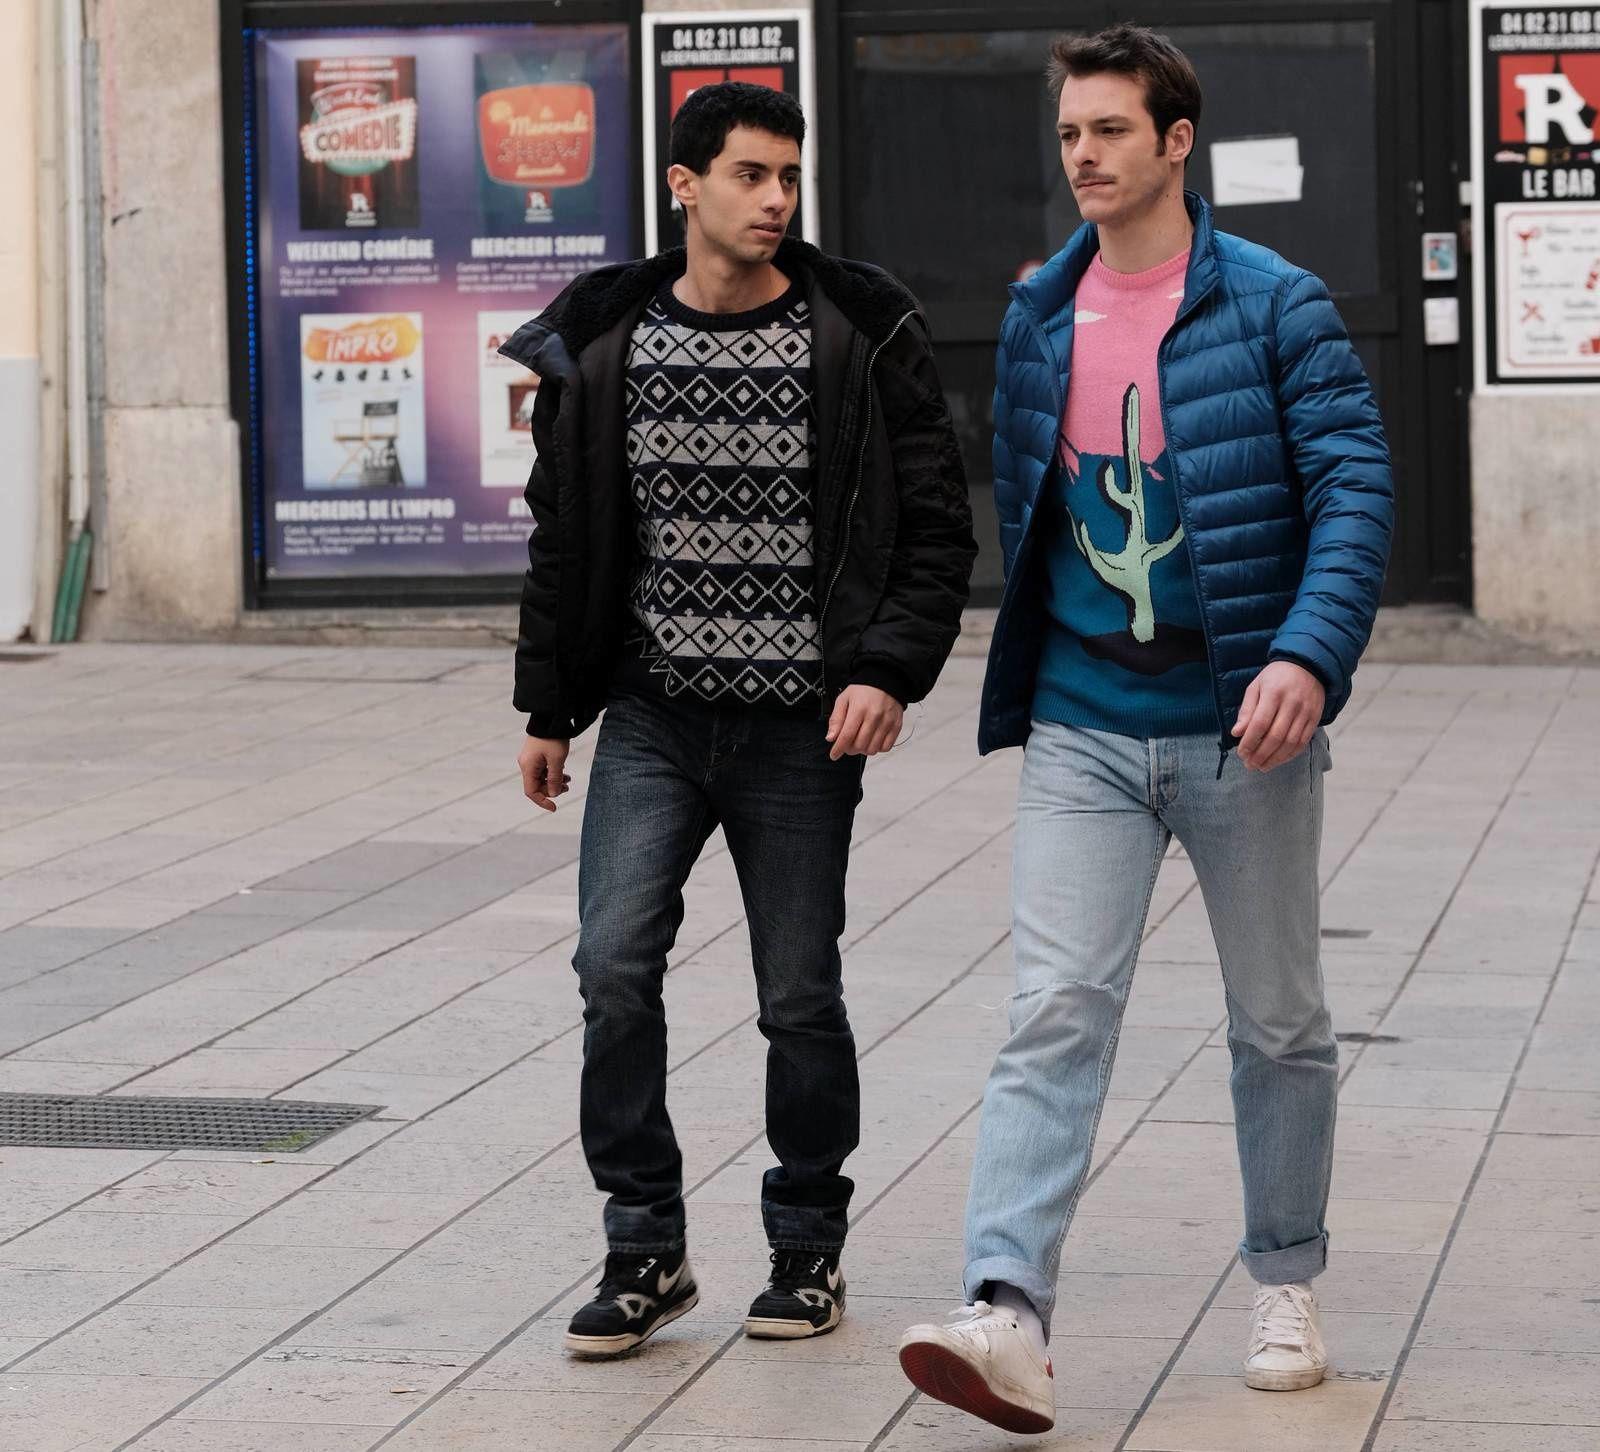 Mehdi MESKAR (dans le rôle d'Hicham) et Eric PUCHEU (dans le rôle de Thibaut). [Photos de Clément Caudal]